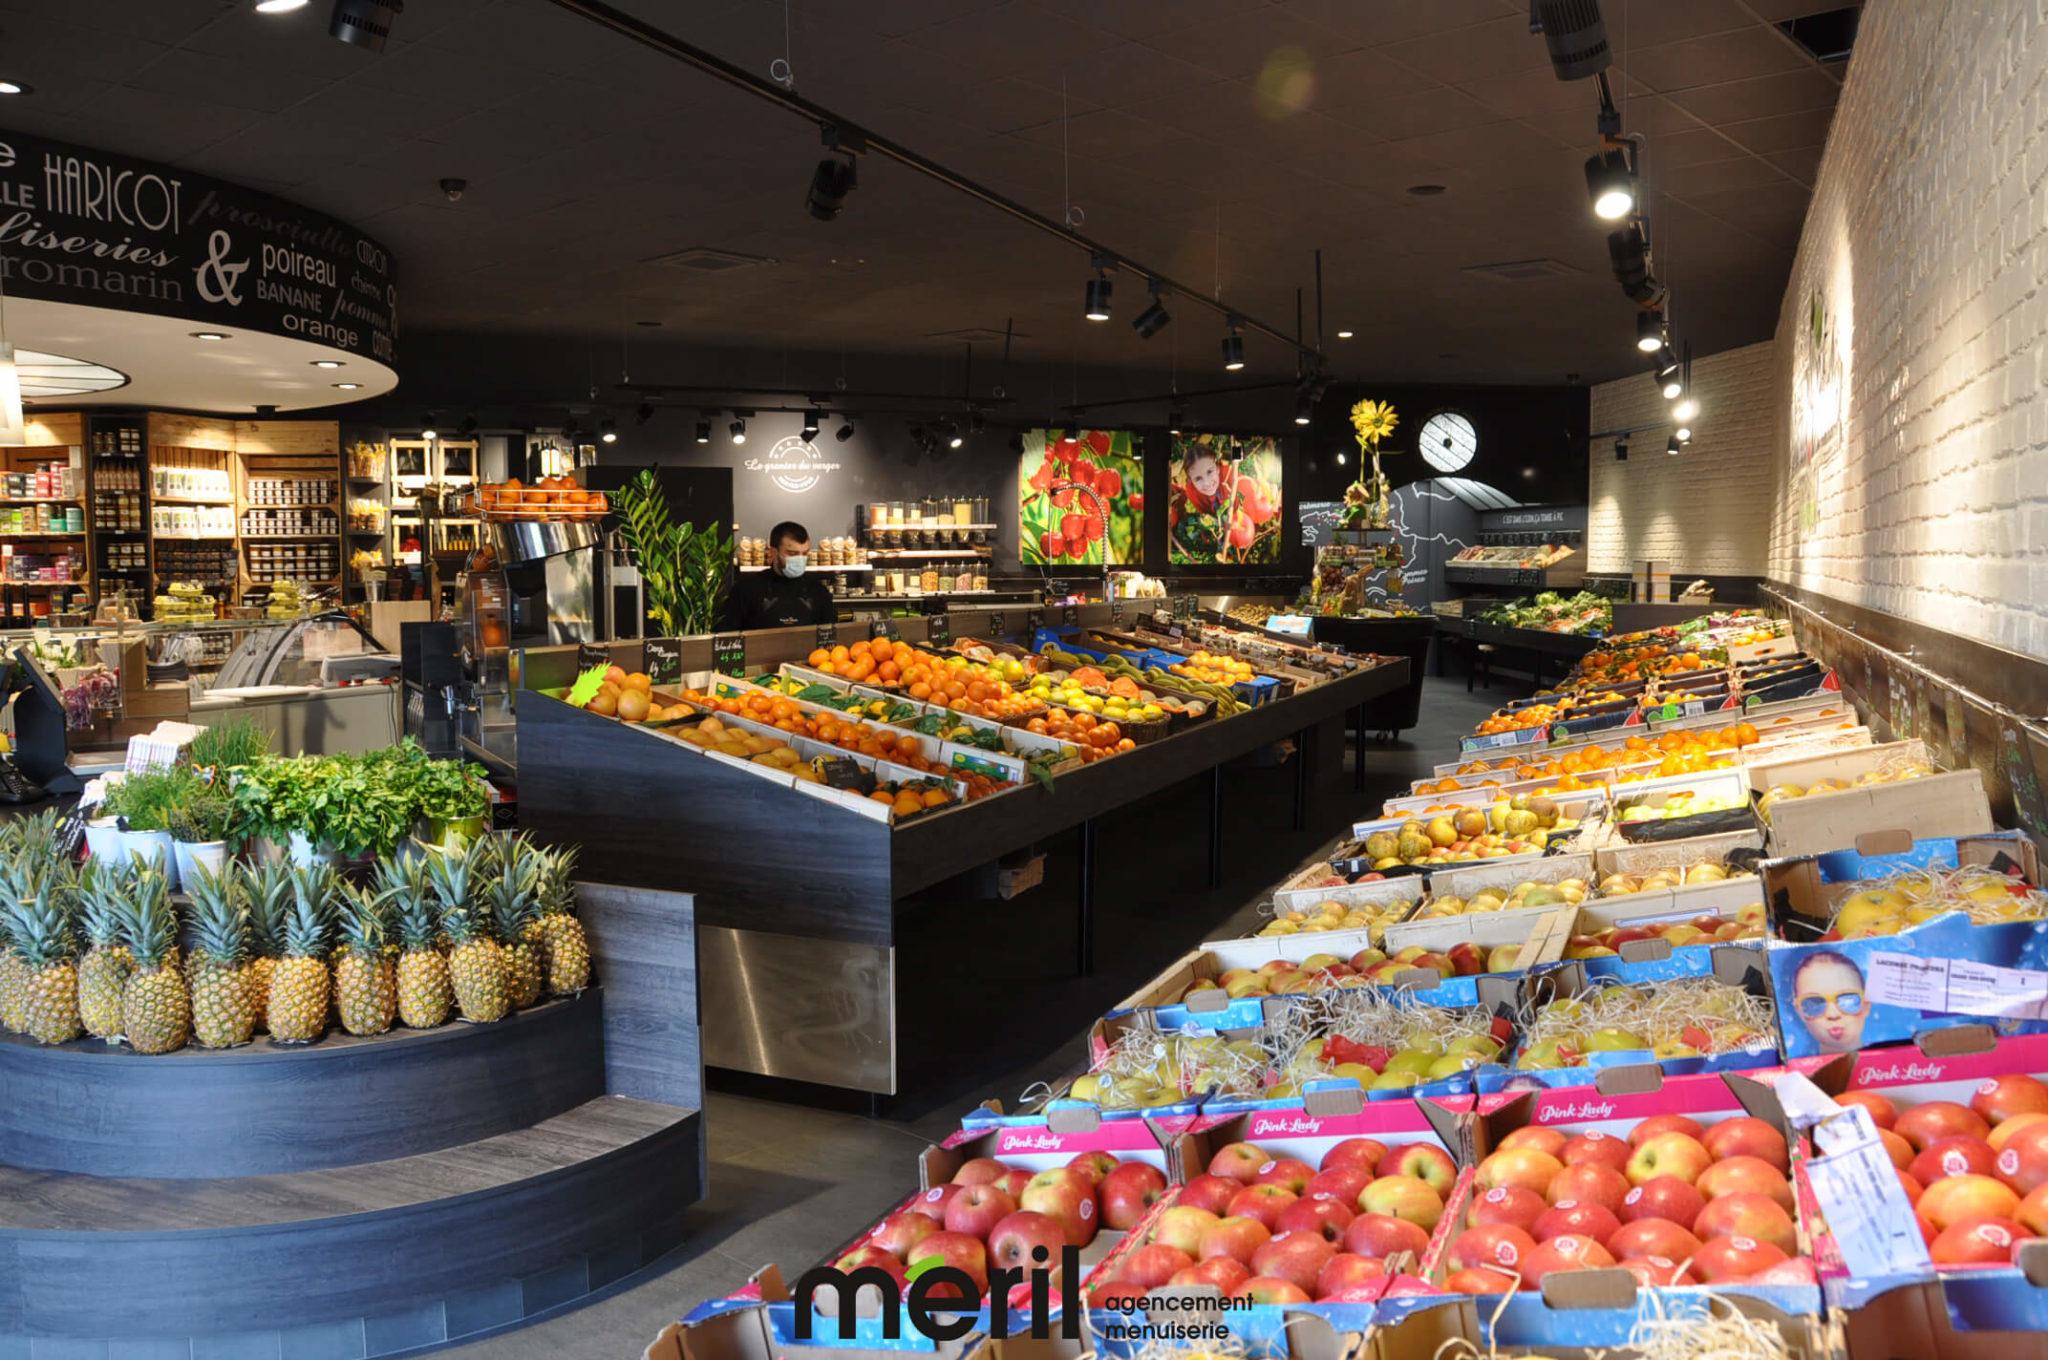 Agencement magasin Cerise & Basilic